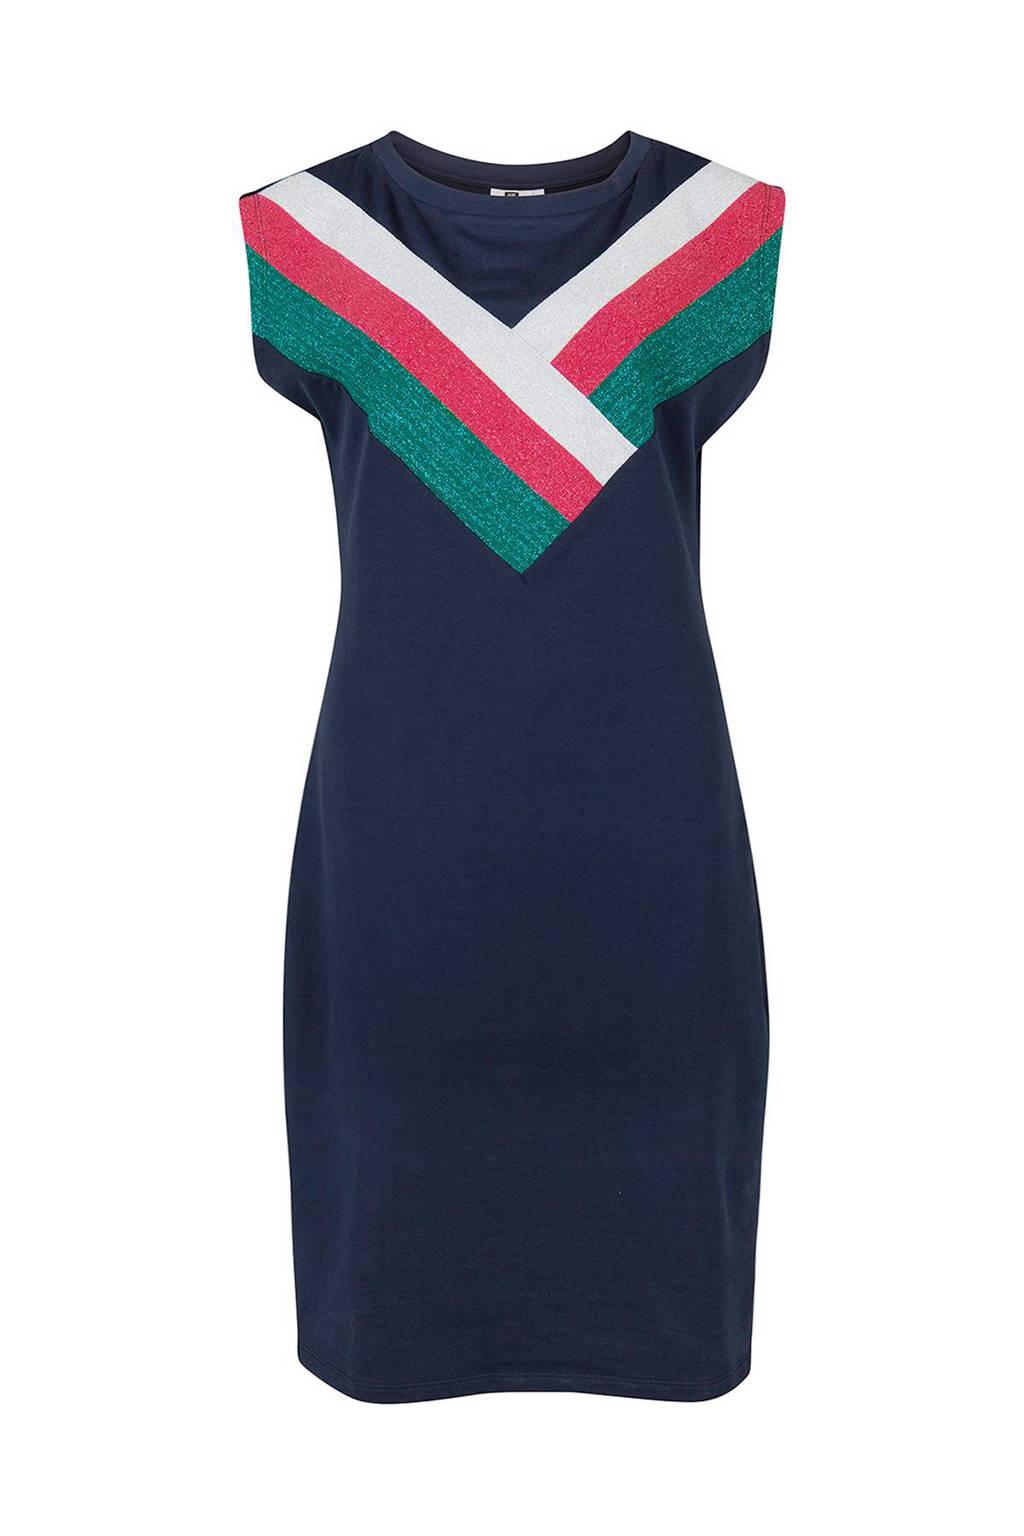 WE Fashion jurk met glitterdetail marineblauw, Marineblauw